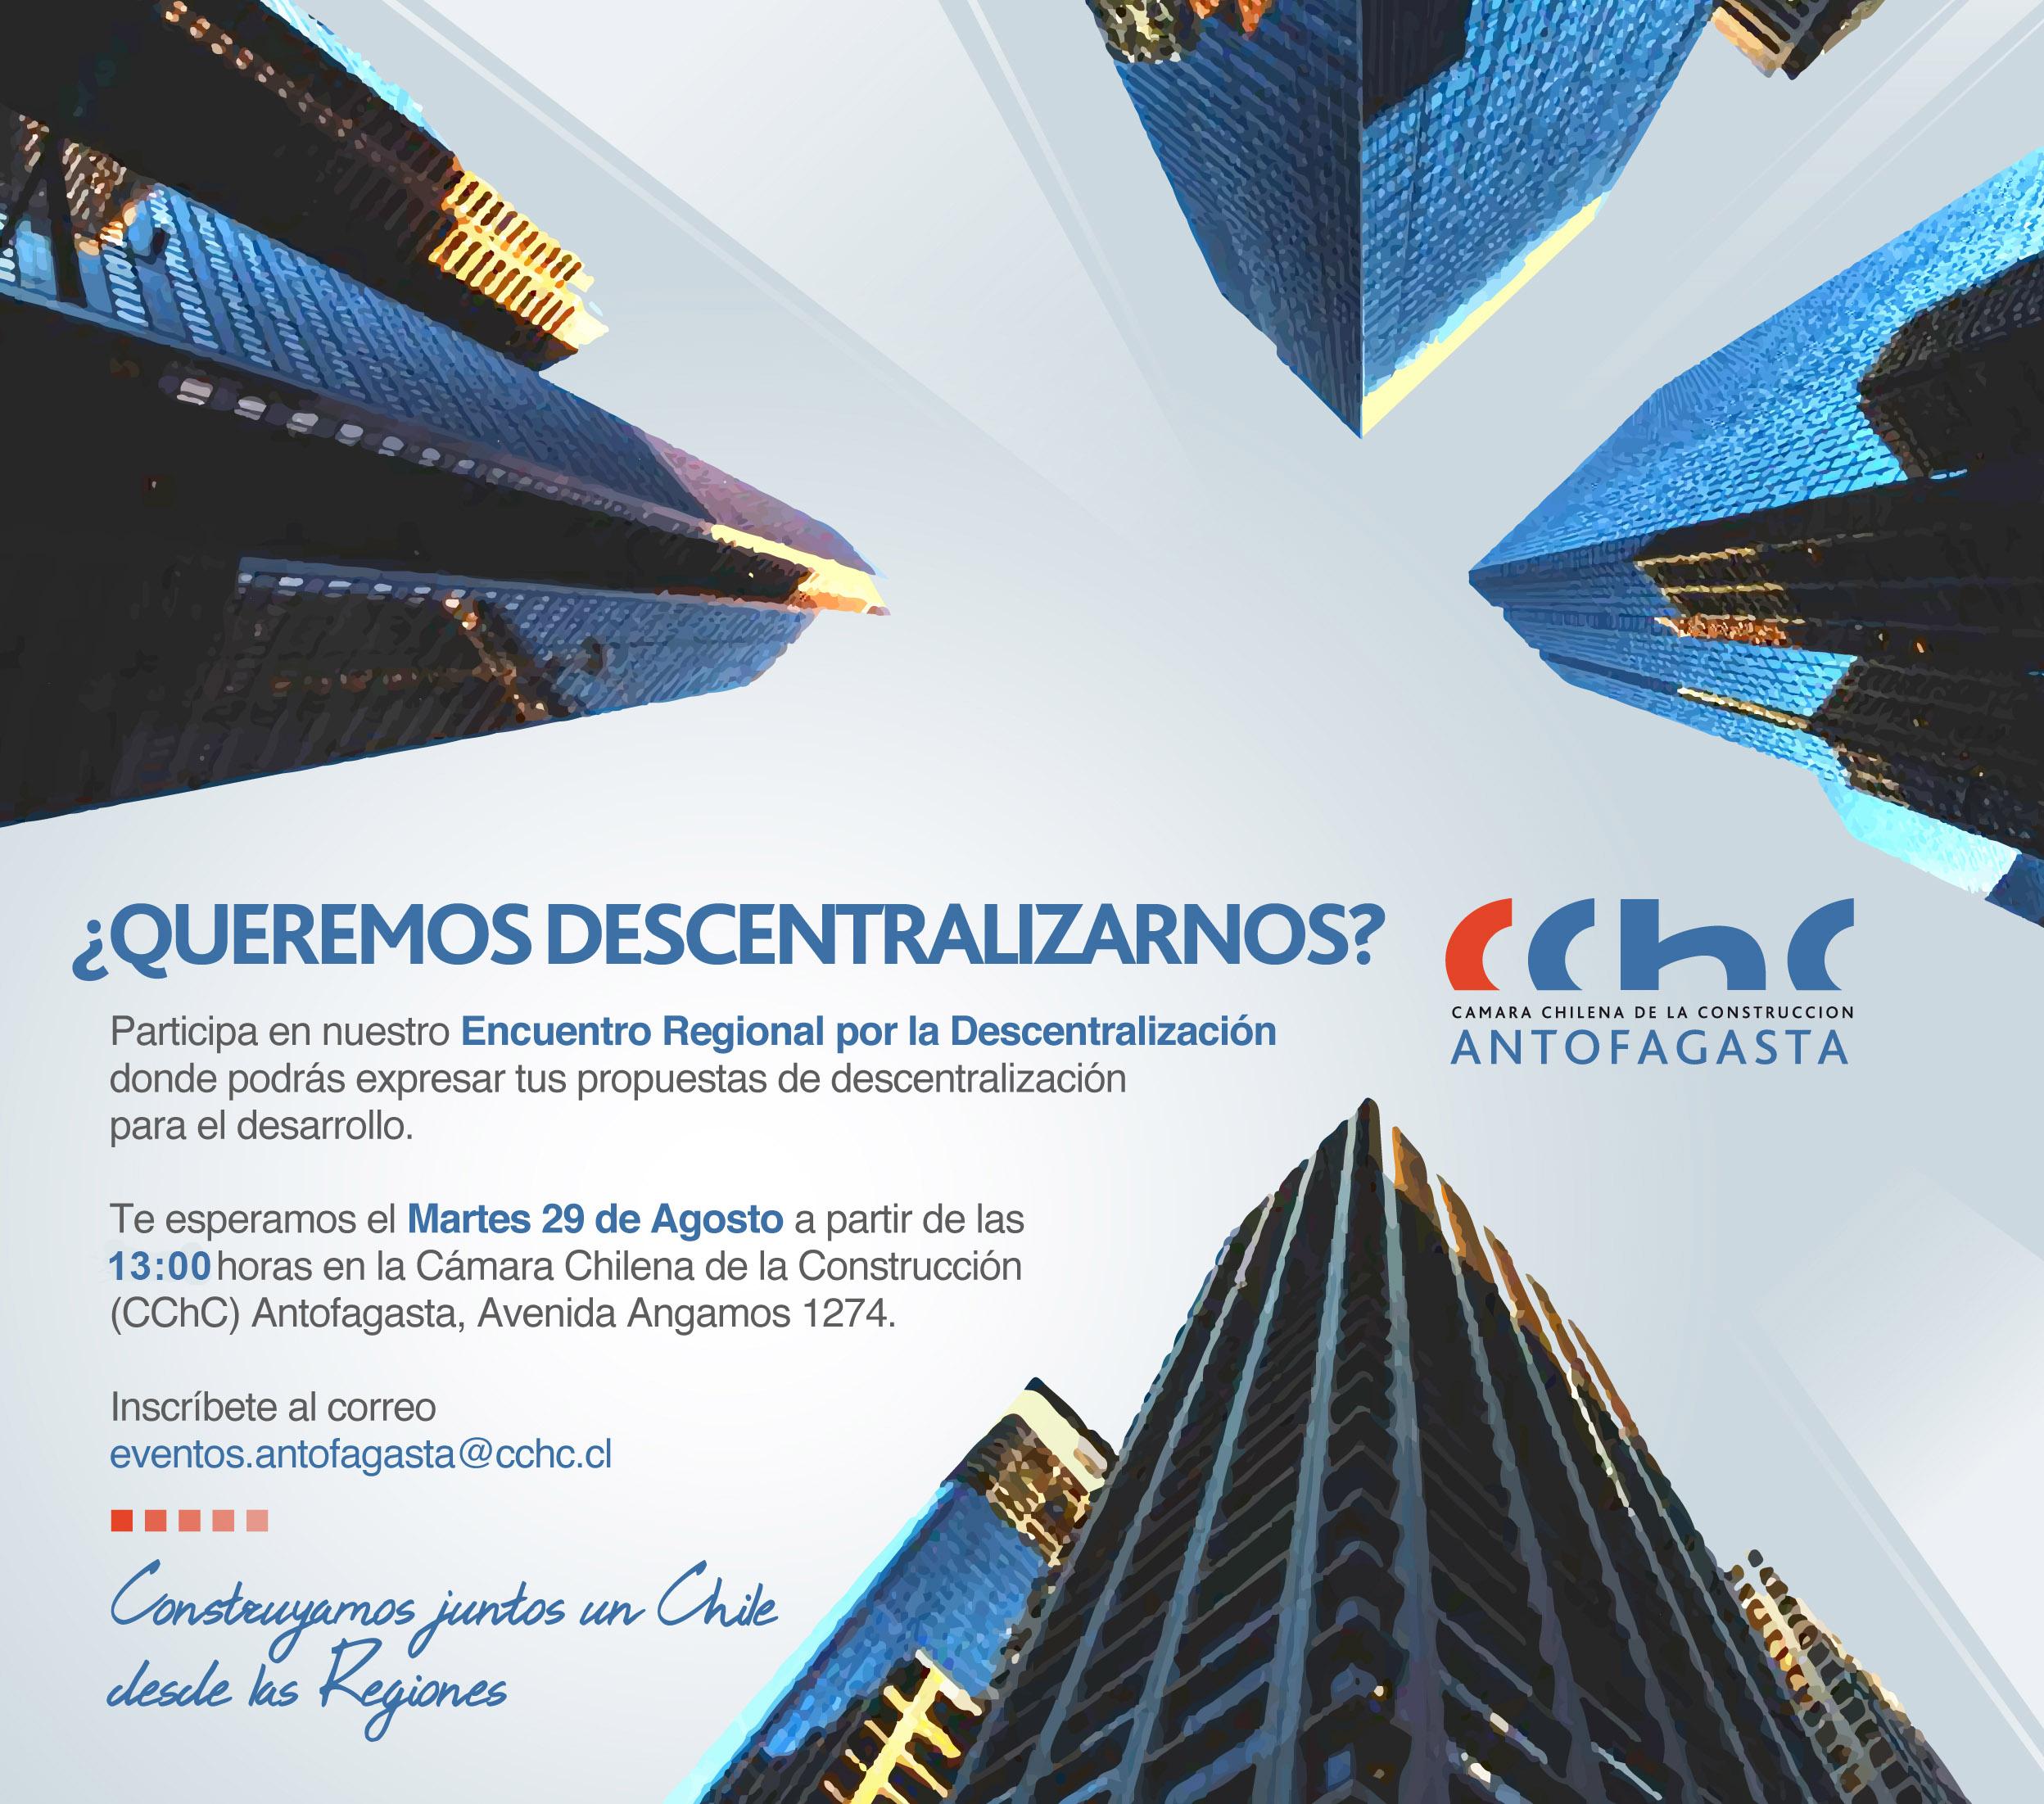 Encuentro_Regional_por_la_Descentralización.jpg